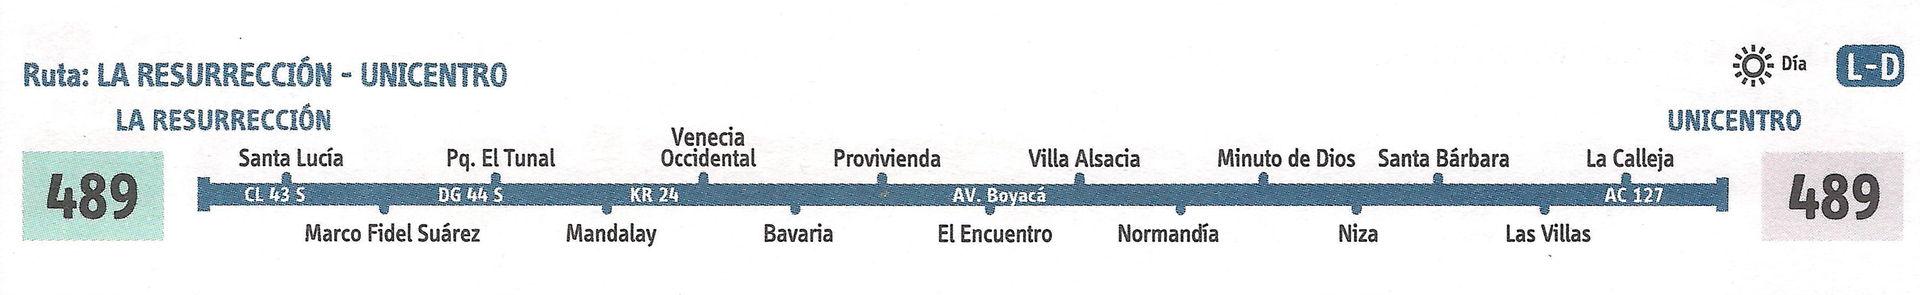 Ruta SITP: 489 Resurrección (Lomas) ↔ Unicentro [Urbana] 3